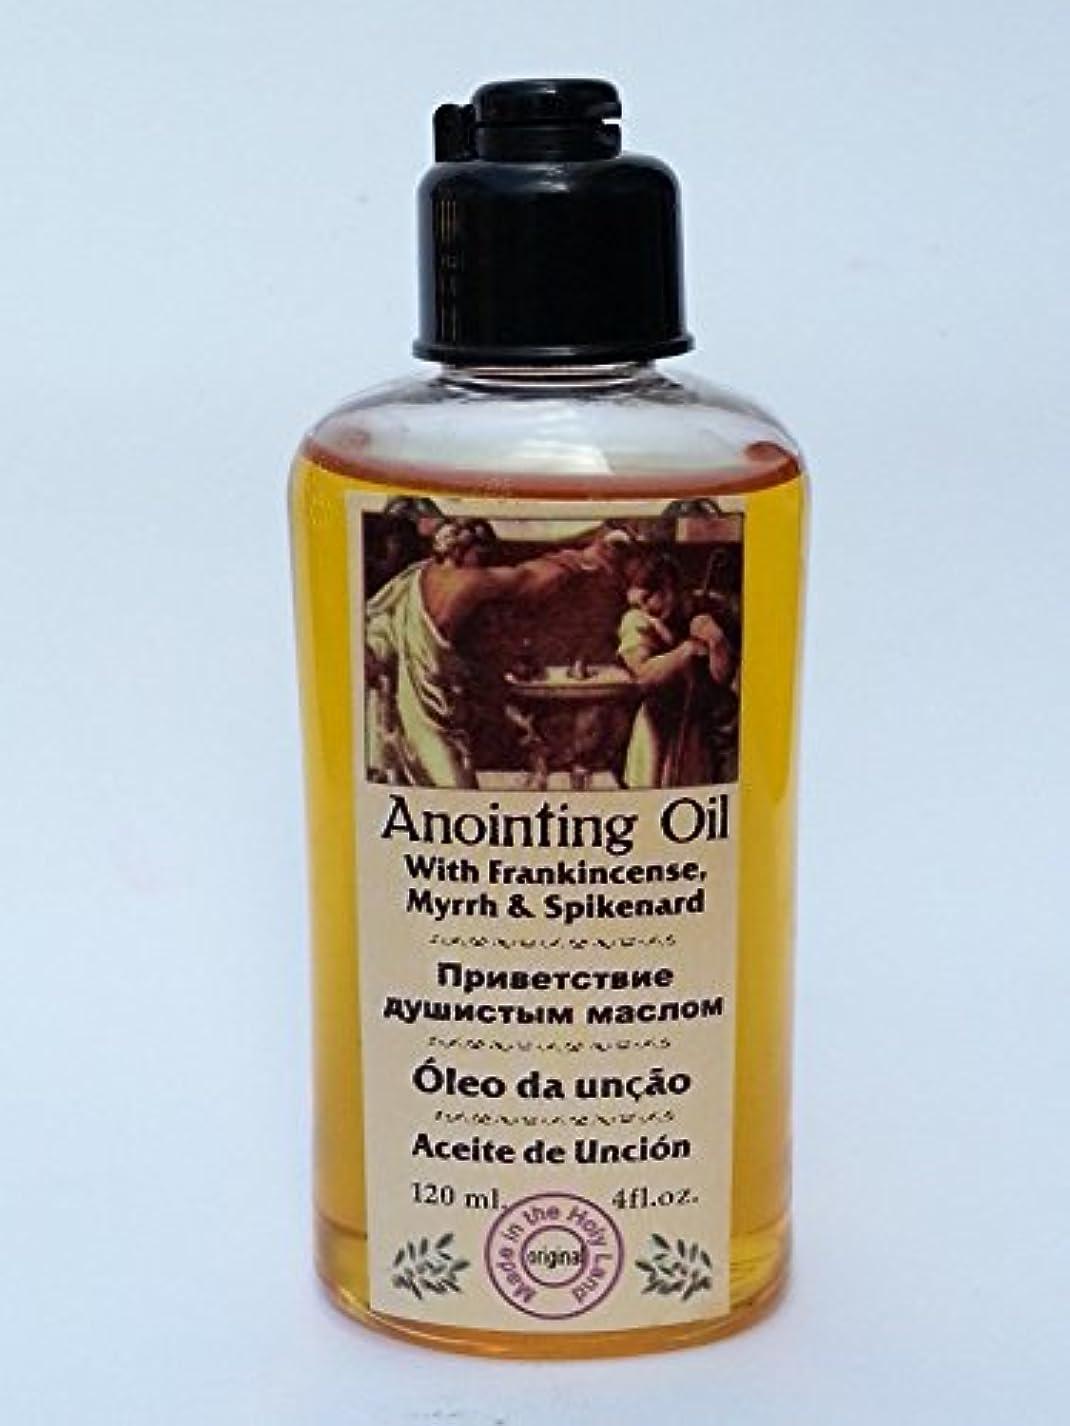 疑問に思う直径伝導率Anointing Oil with Frankincense、Myrrh and Spikenard 120 ml byベツレヘムギフトTM